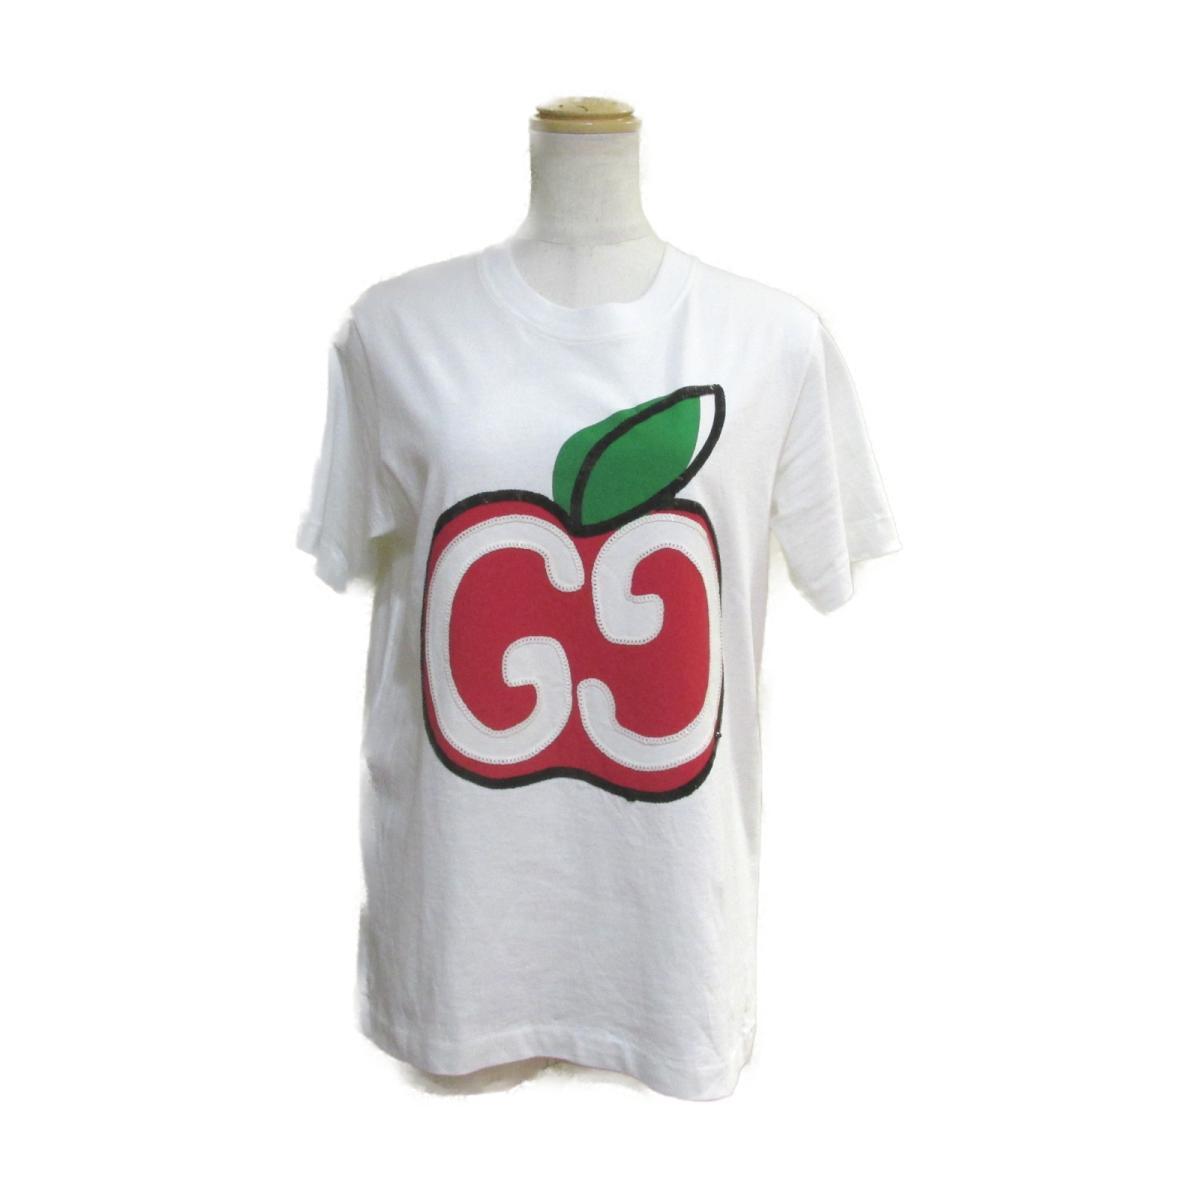 【中古】 グッチ Tシャツ レディース コットン ホワイト x レッド グリーン | GUCCI BRANDOFF ブランドオフ 衣料品 衣類 ブランド トップス シャツ カットソー